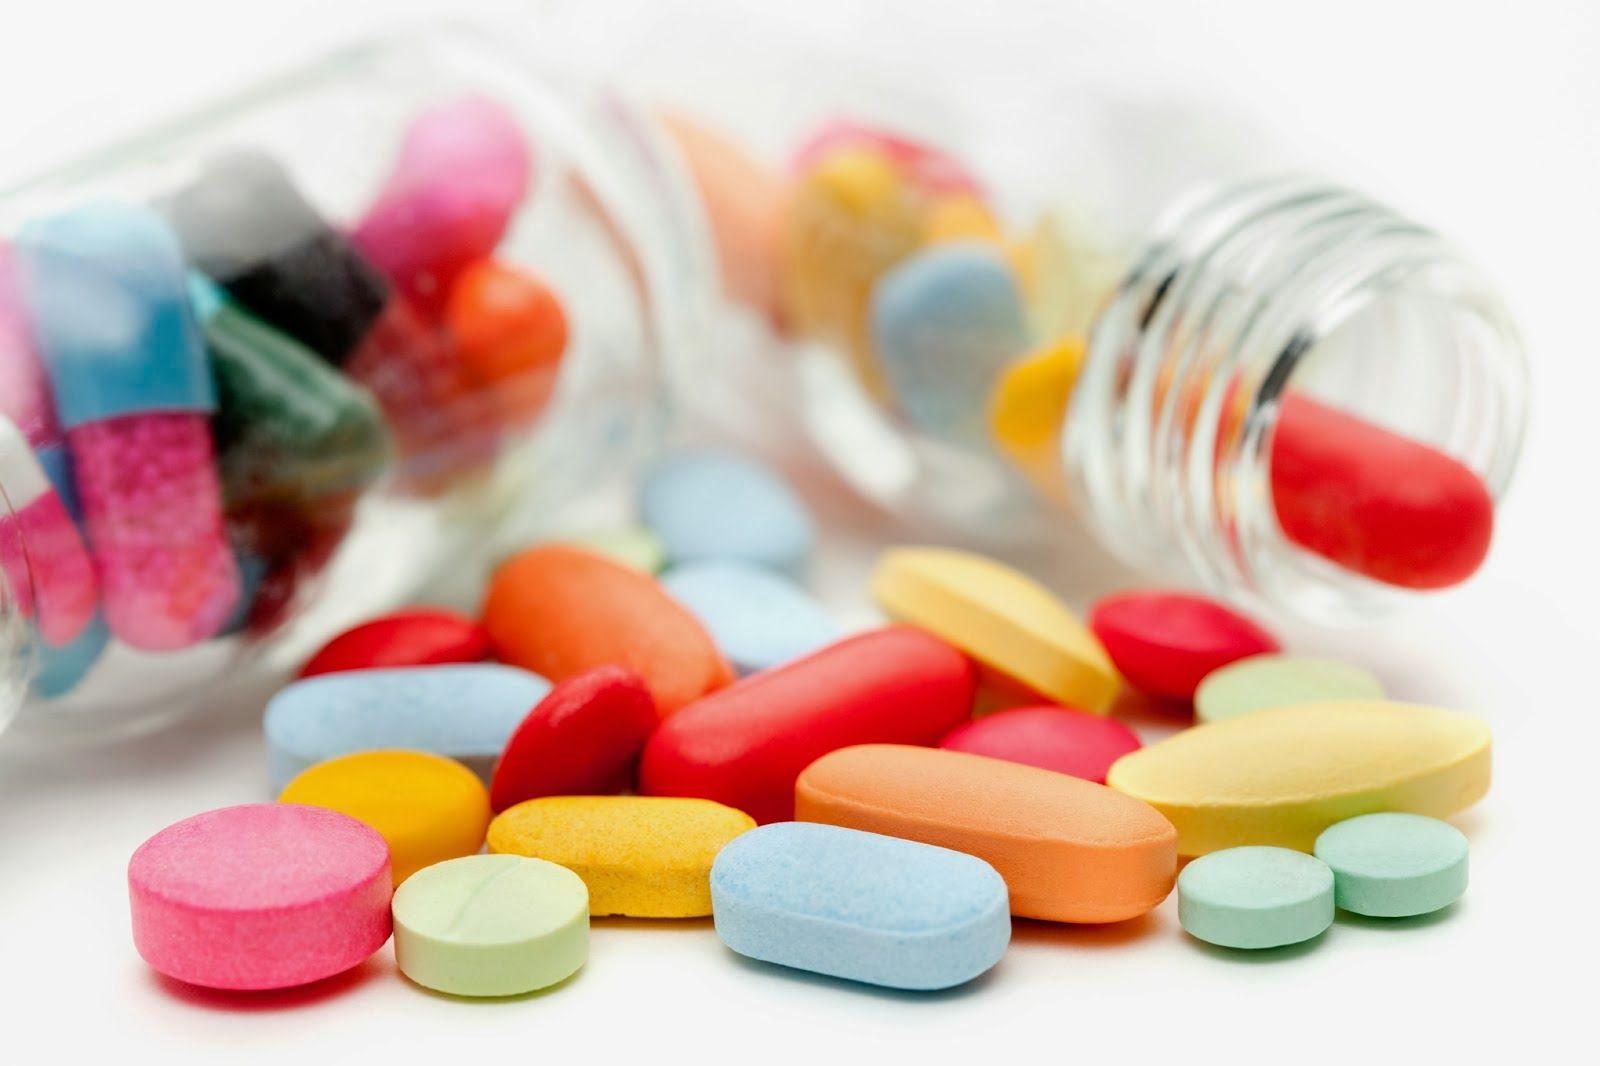 Ưu điểm của loại thuốc tây là giúp người bệnh giảm đau nhanh, sử dụng tiện lợi